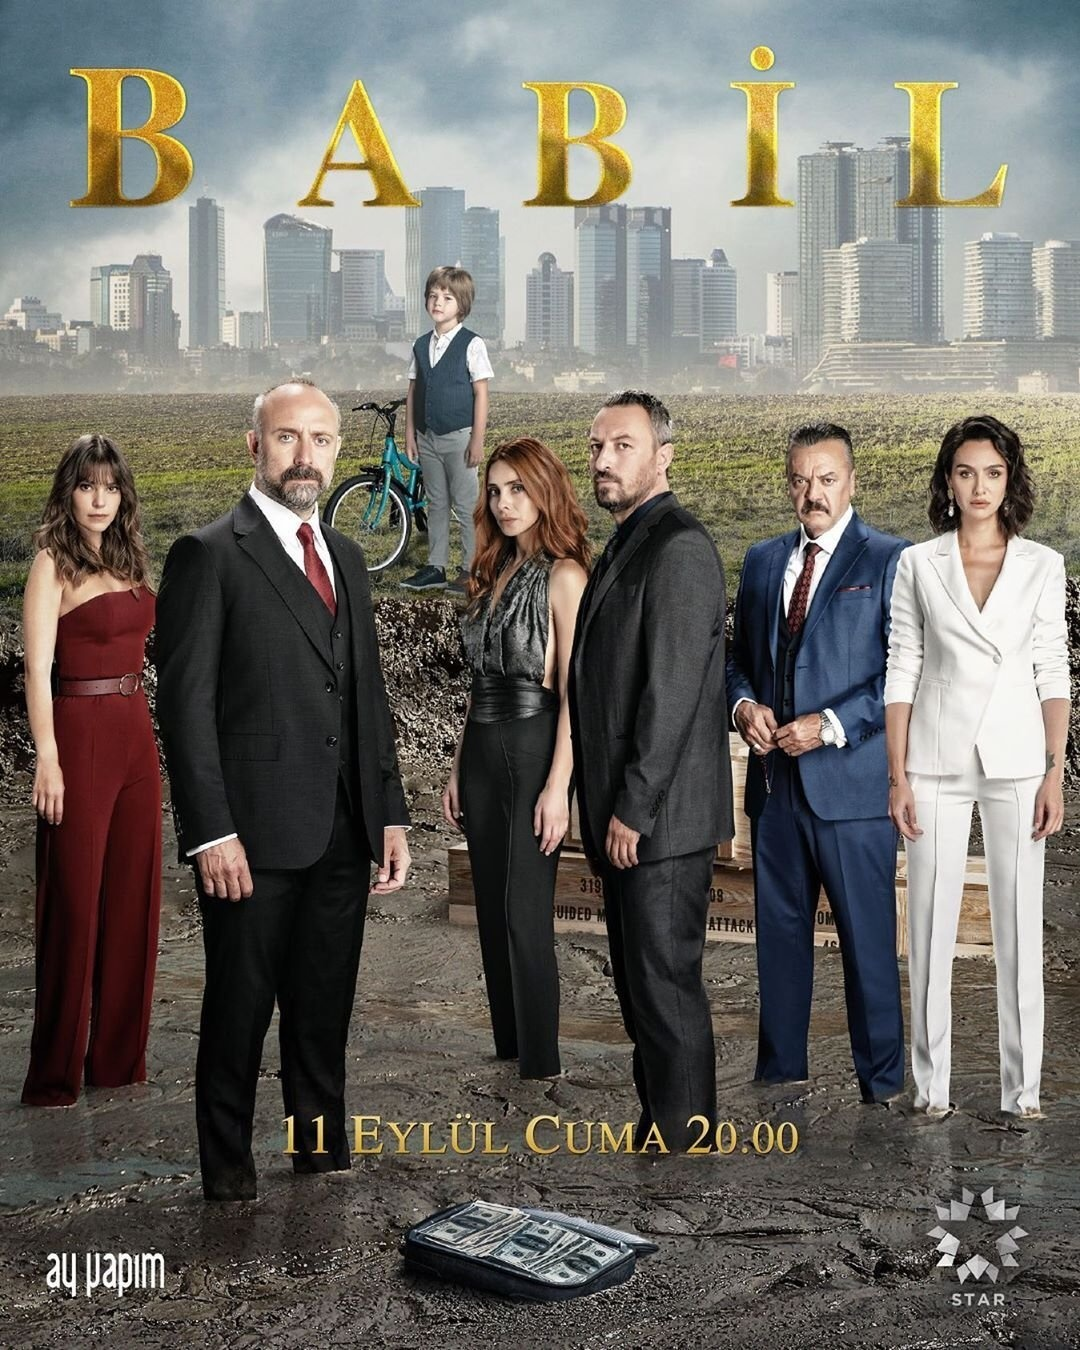 بابل 2 الحلقة 14 مدبلج